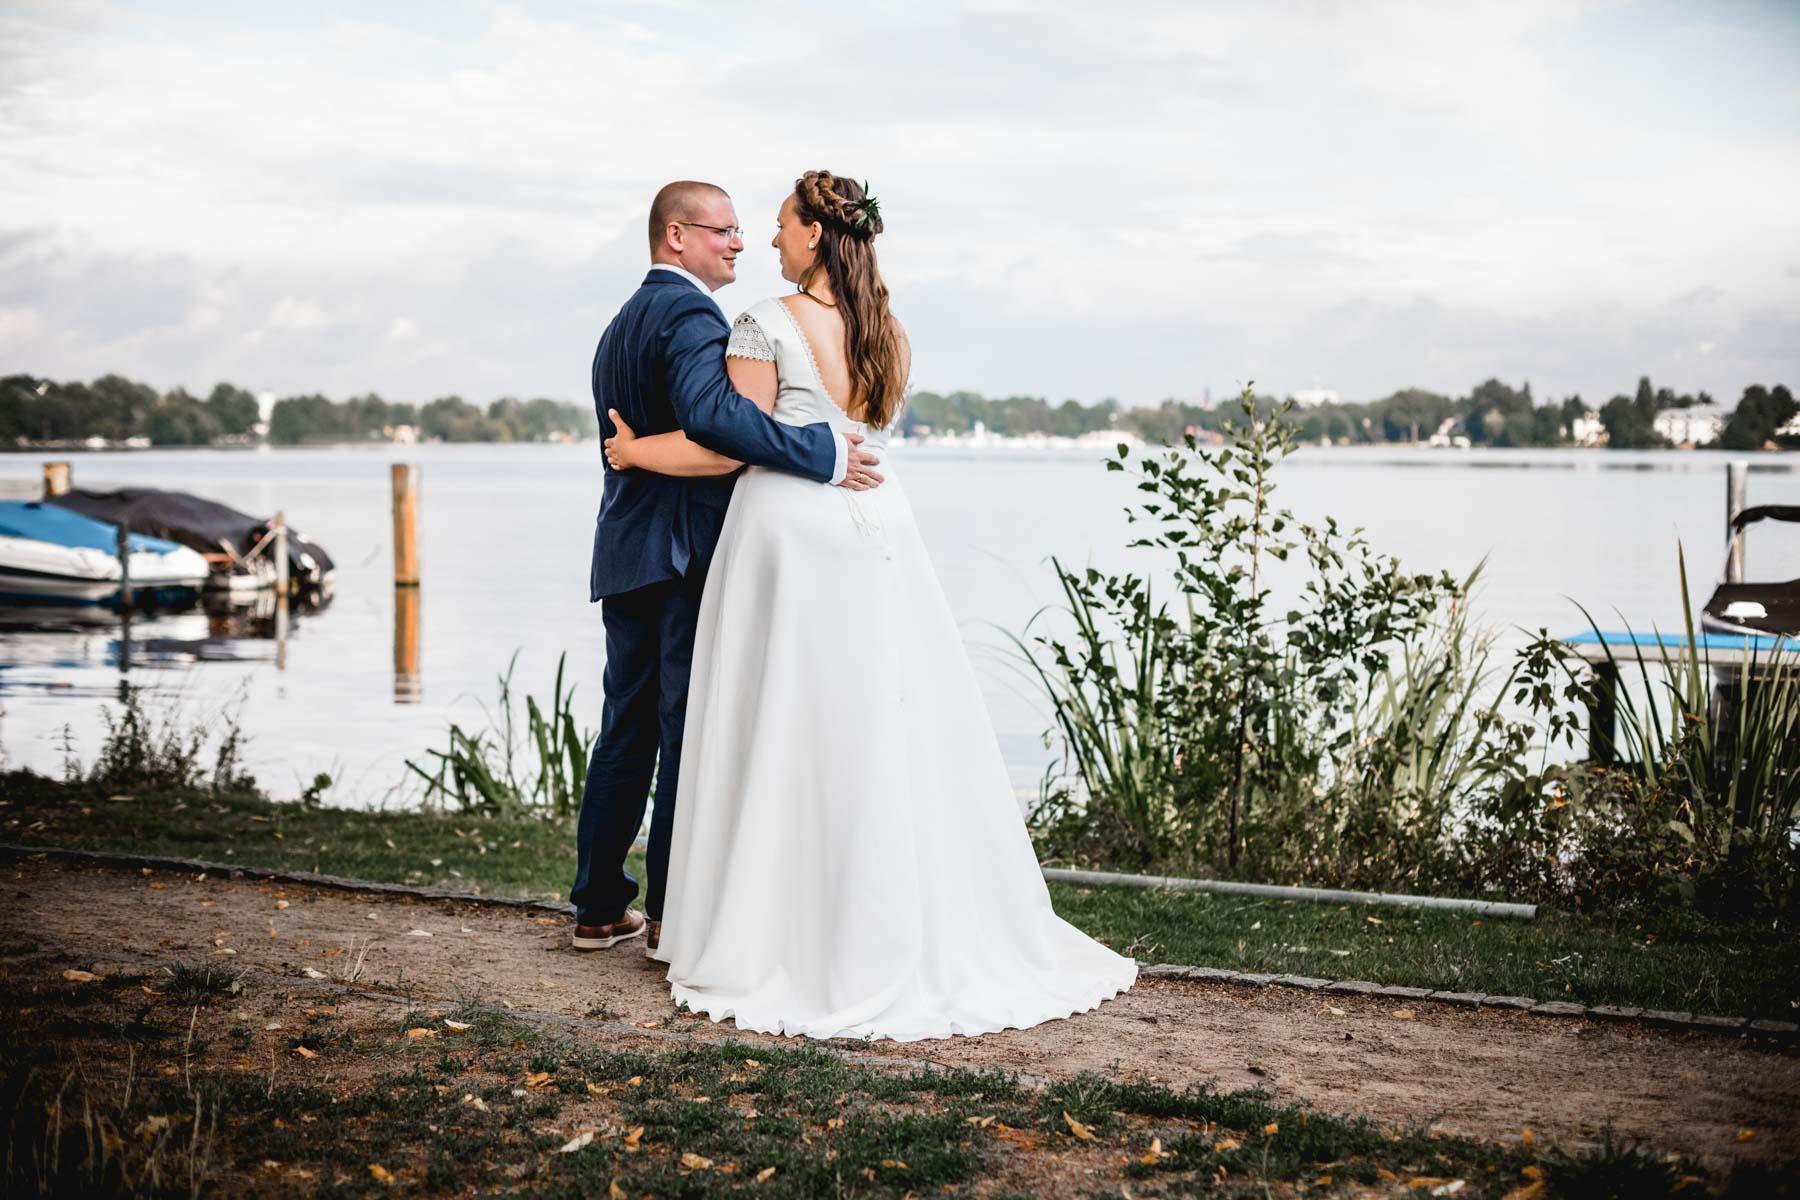 Hochzeitsfotograf Berlin Brandenburg am See